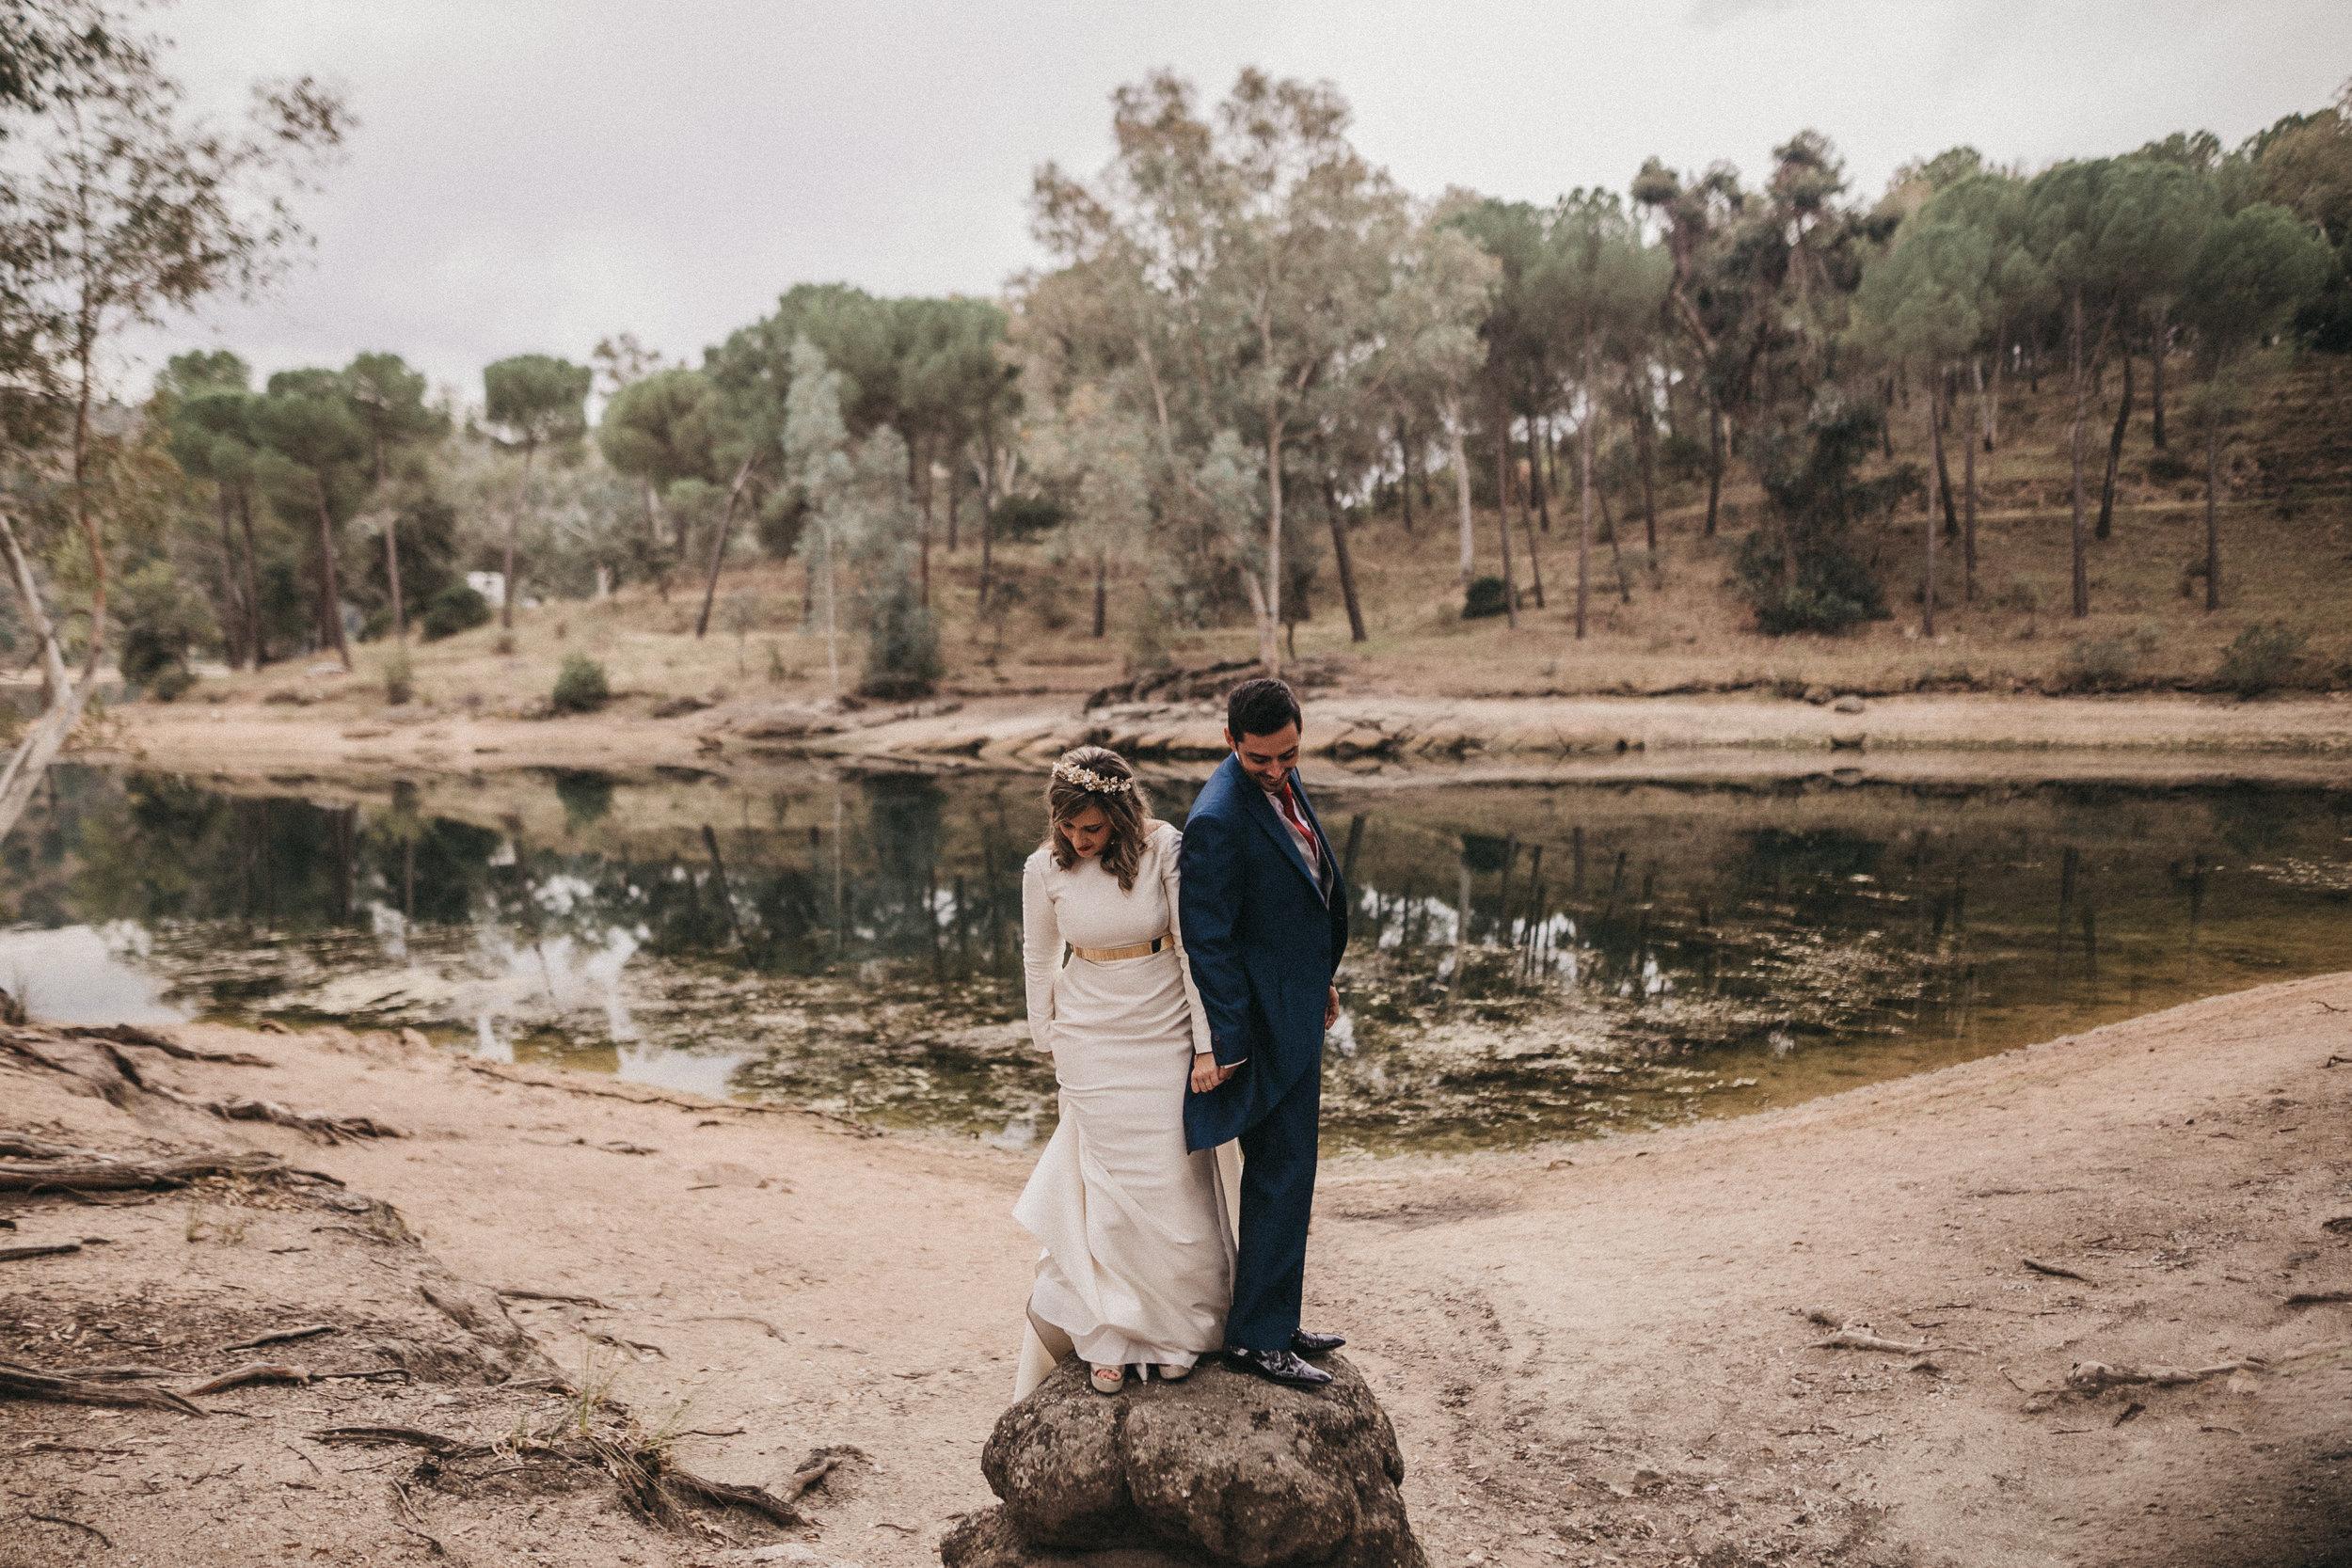 Fotografo de bodas españa serafin castillo wedding photographer spain 037.jpg